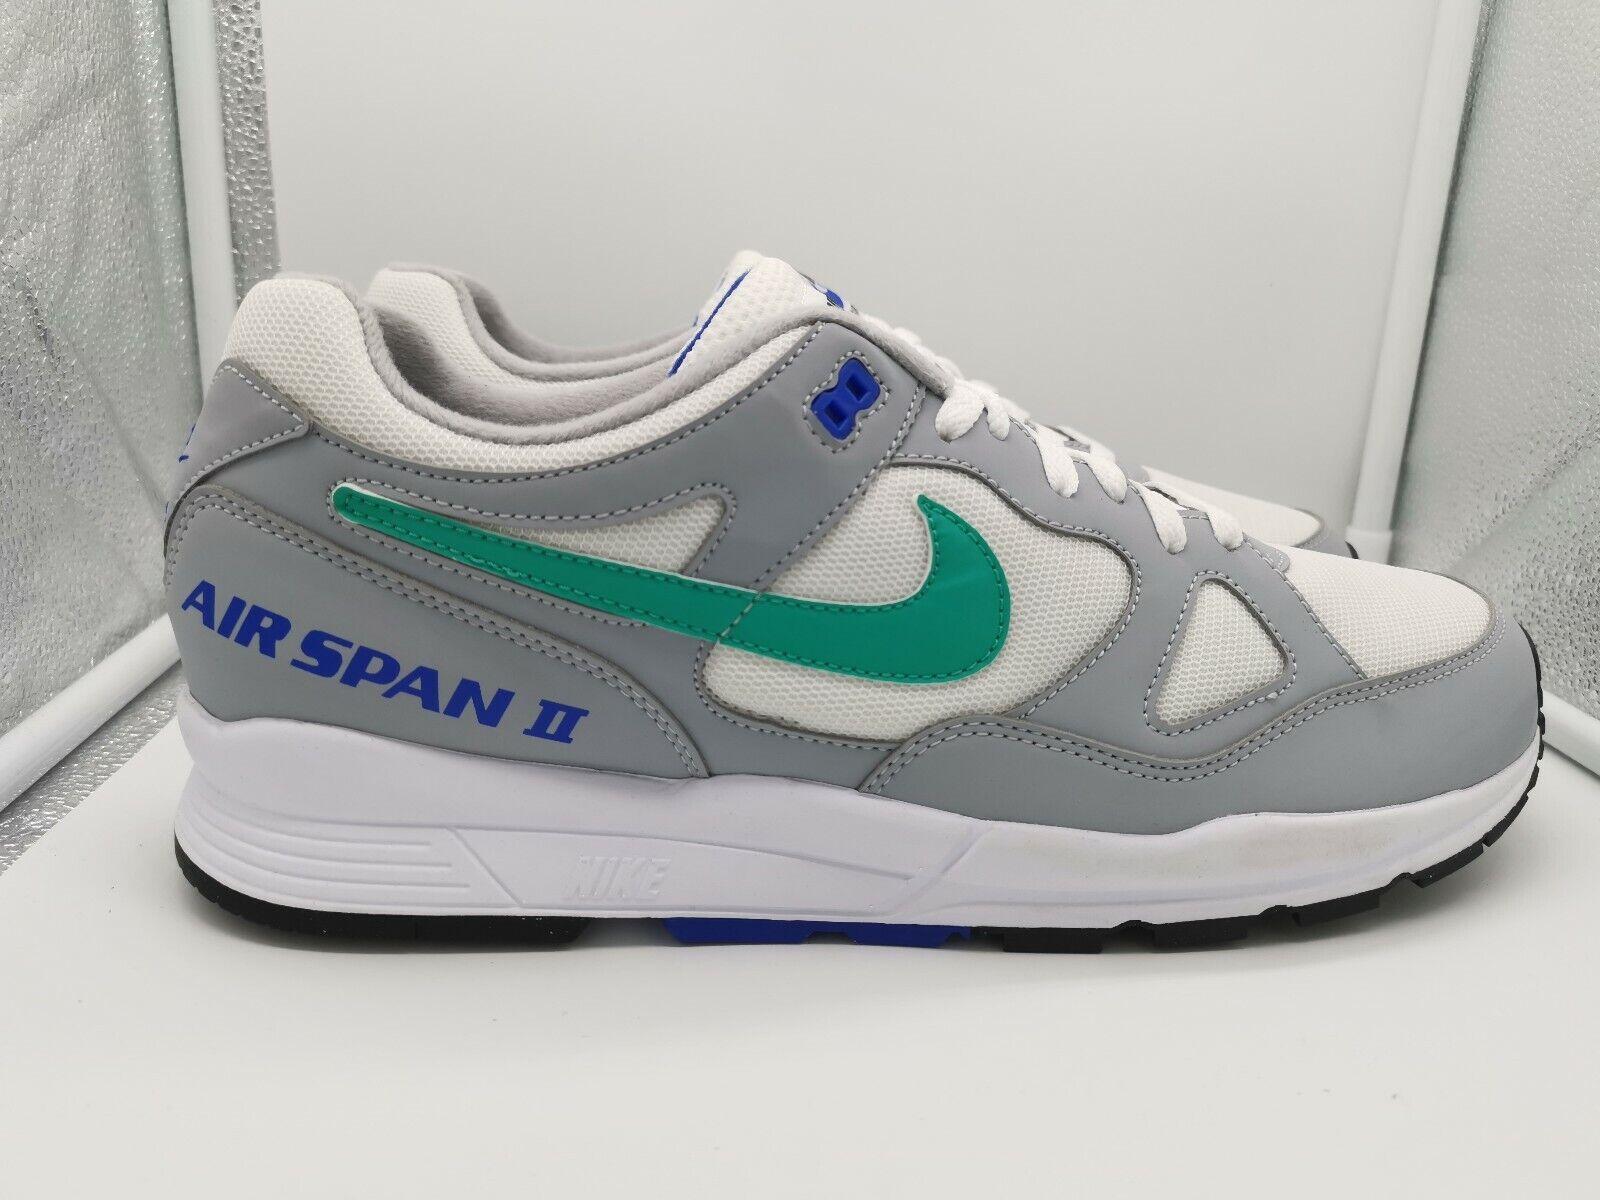 Nike Air Span 2 II UK 12 Wolf grau Clear Emerald Weiß AH8047-012